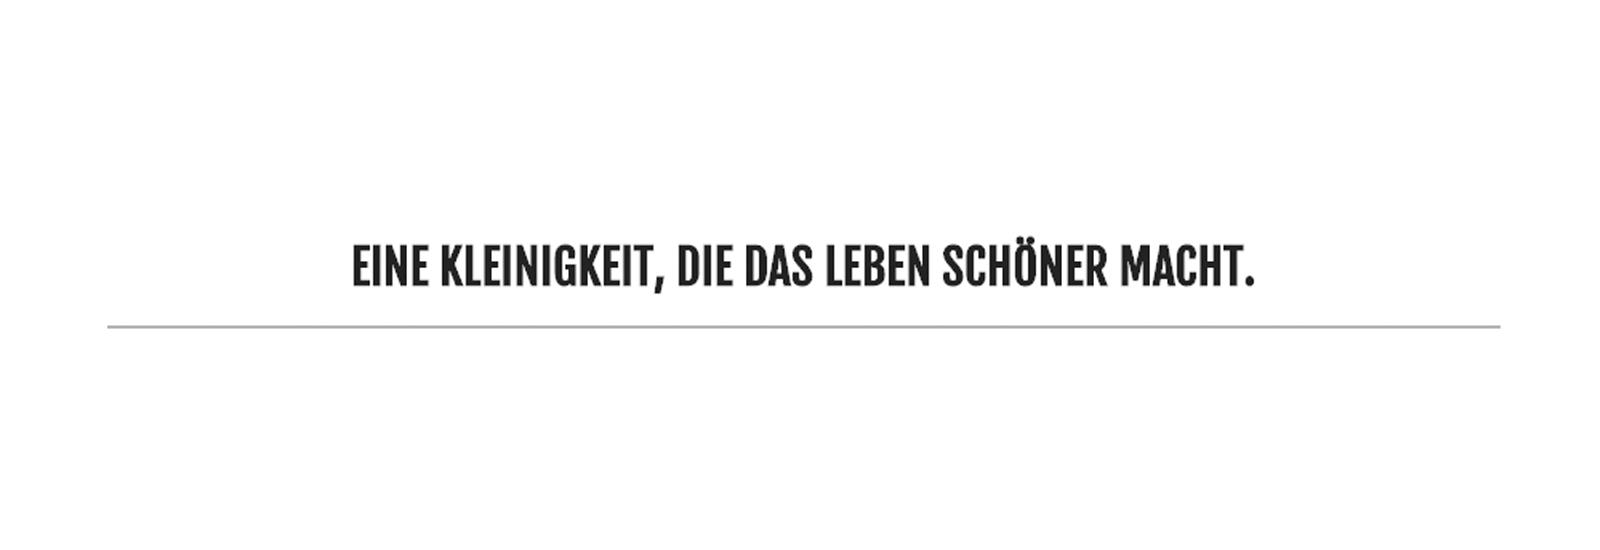 kleinigkeit-banner